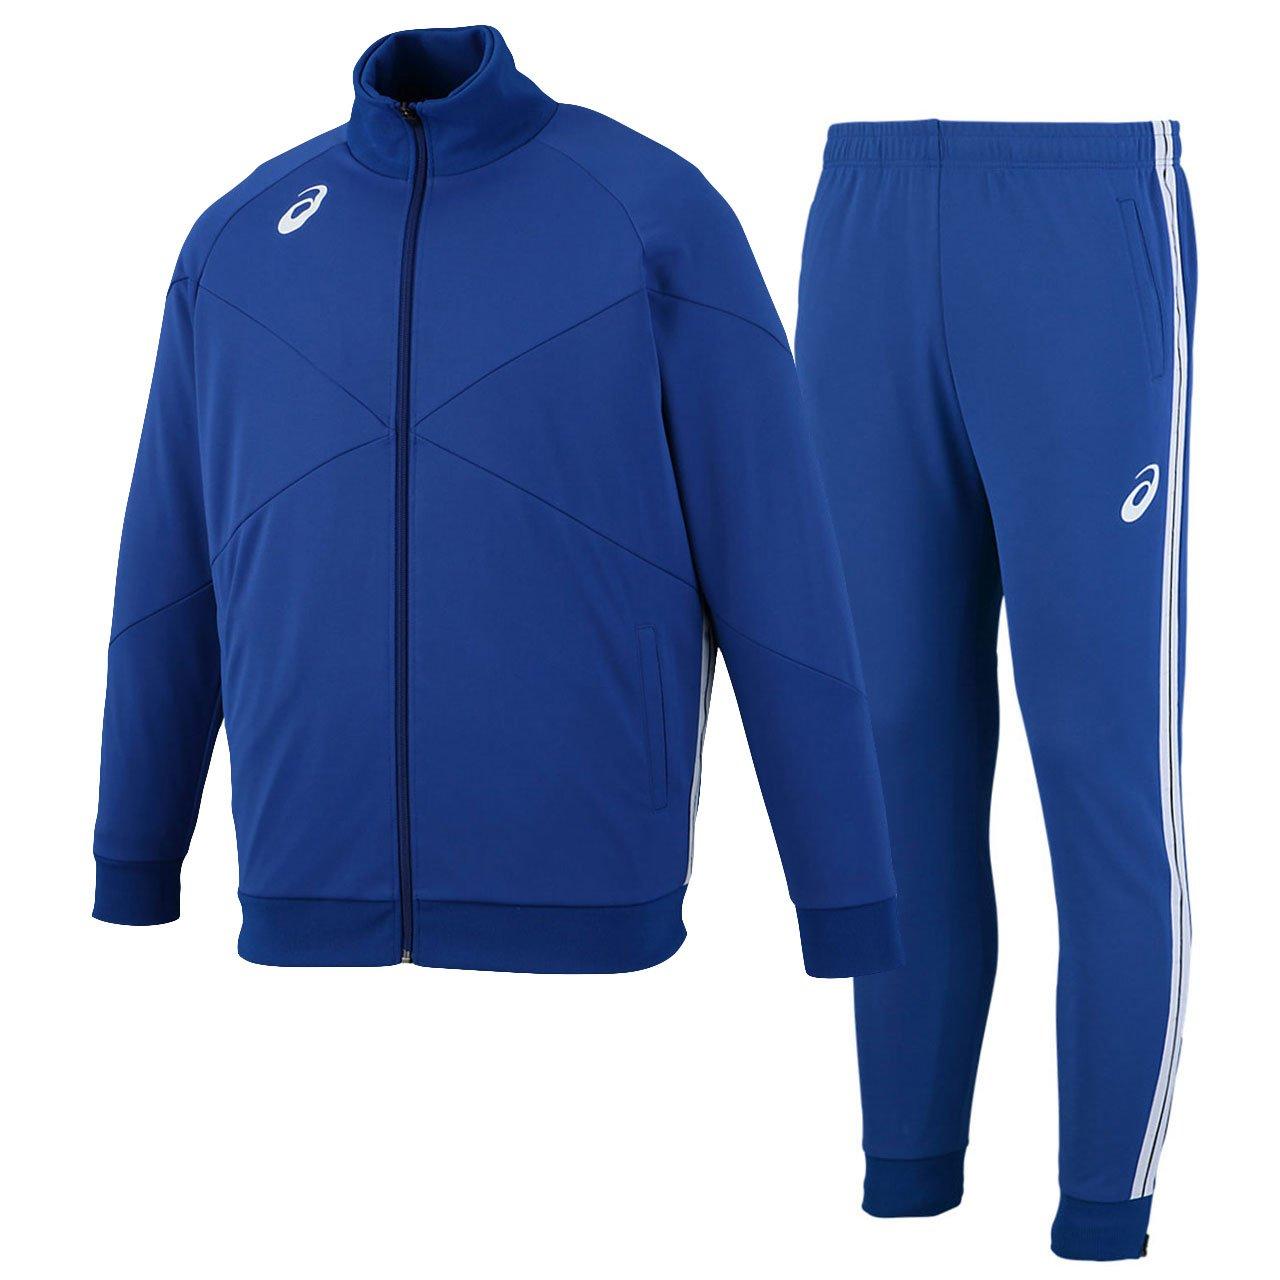 アシックス(asics) トレーニングジャケット&トレーニングパンツ 上下セット(ブルー/ブルー) XST184-45-XST284-45 B079TJ692V XS|ブルー/ブルー ブルー/ブルー XS